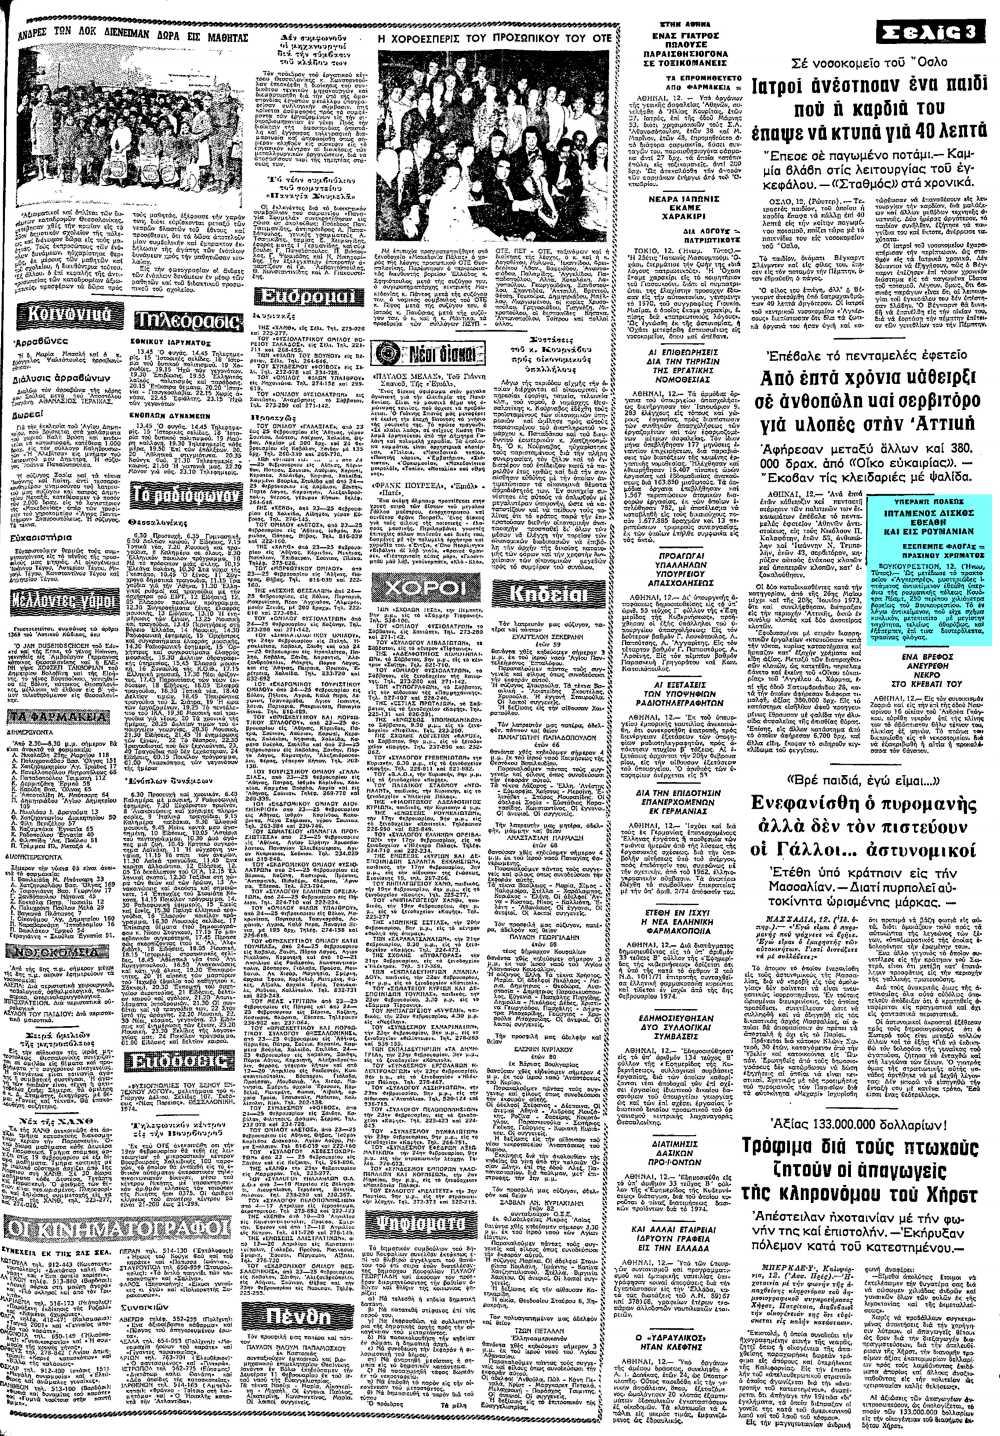 """Το άρθρο, όπως δημοσιεύθηκε στην εφημερίδα """"ΜΑΚΕΔΟΝΙΑ"""", στις 13/02/1974"""